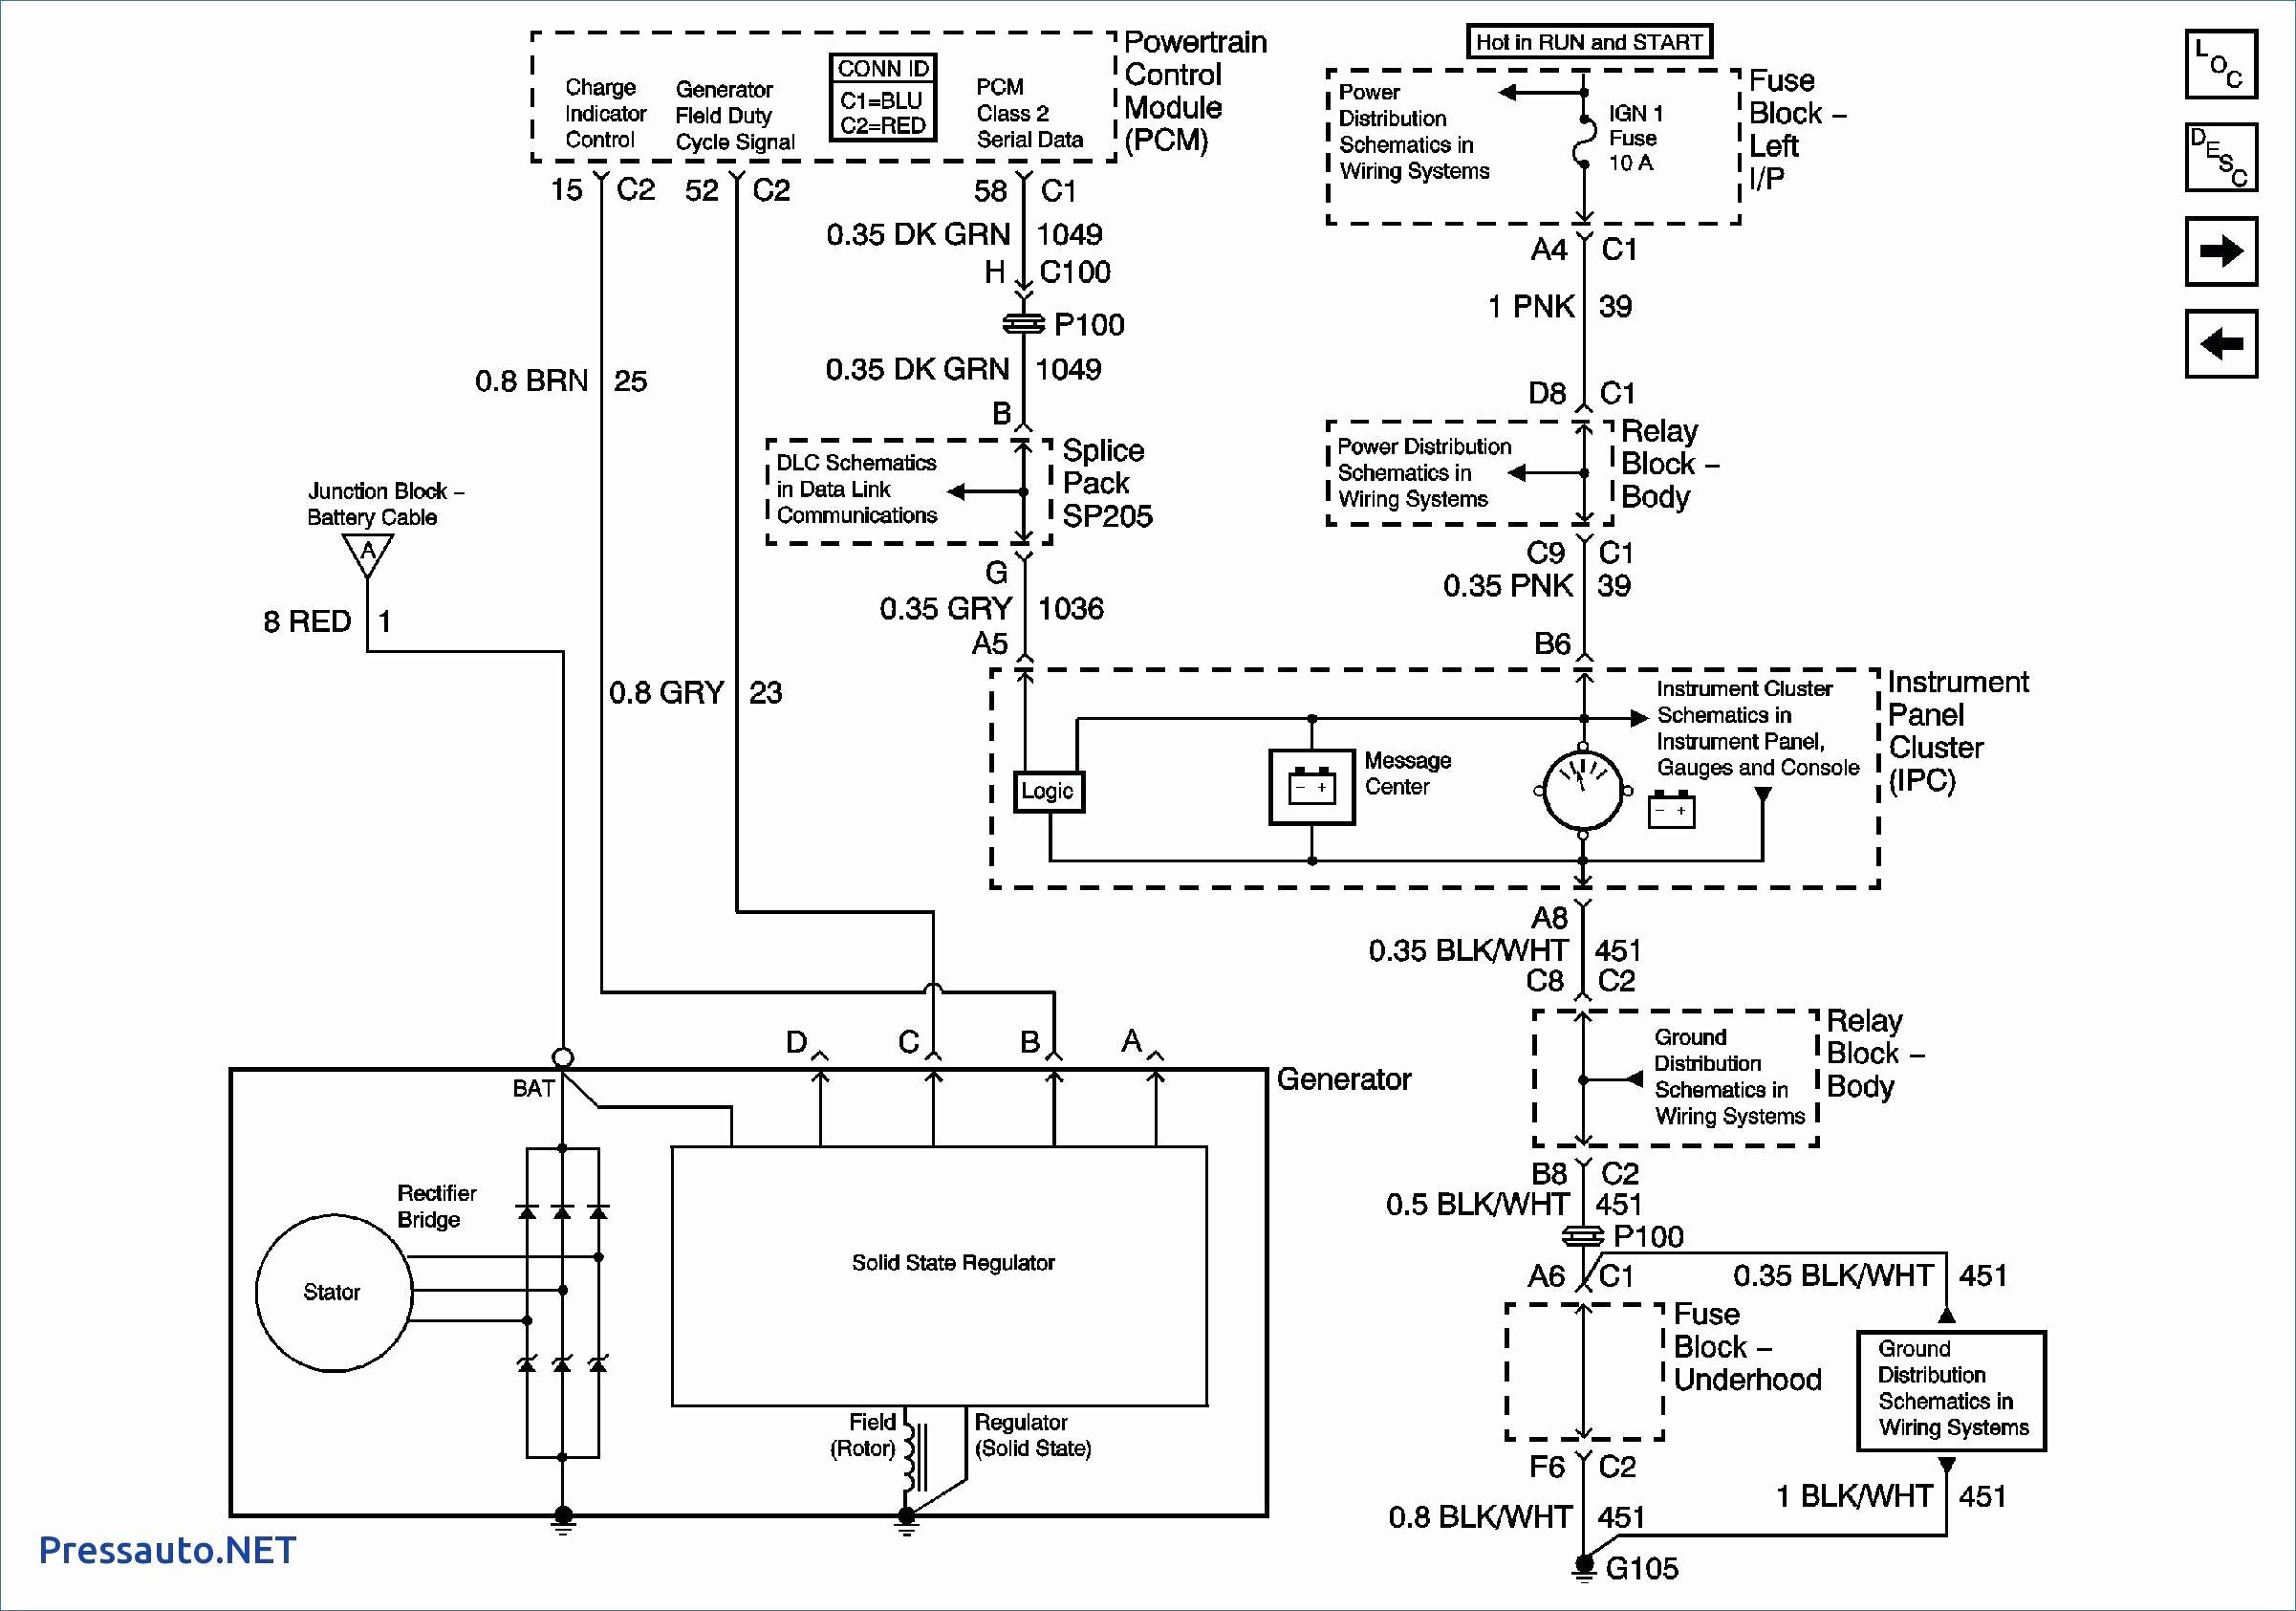 50 Unique Genie Garage Door Sensor - Oneskor - Genie Garage Door Sensor Wiring Diagram